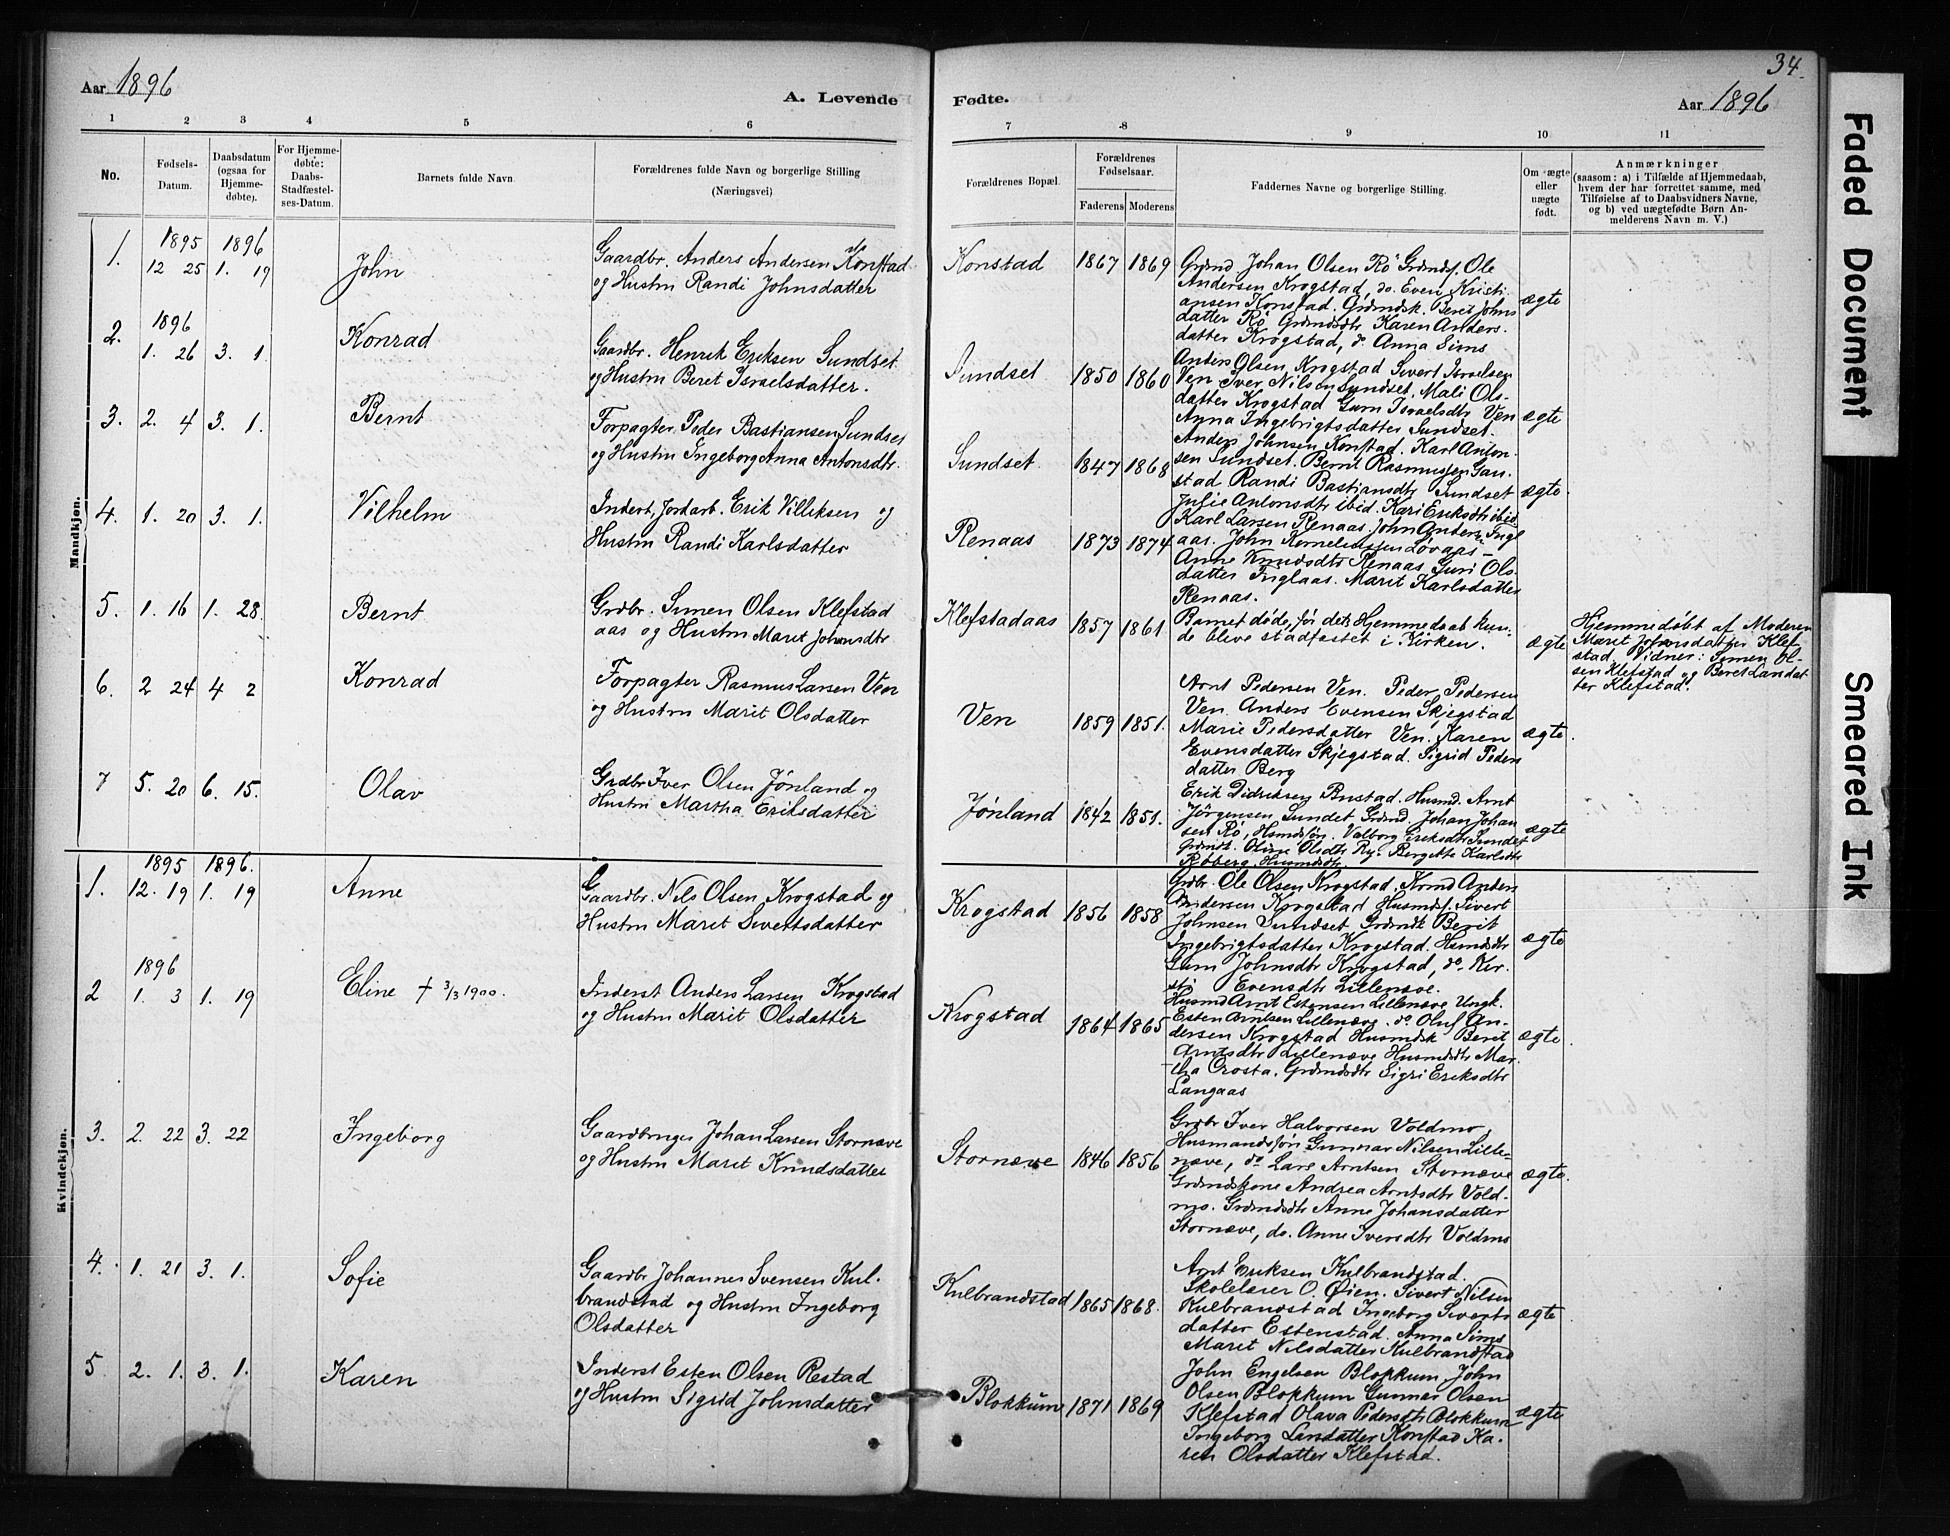 SAT, Ministerialprotokoller, klokkerbøker og fødselsregistre - Sør-Trøndelag, 694/L1127: Ministerialbok nr. 694A01, 1887-1905, s. 34